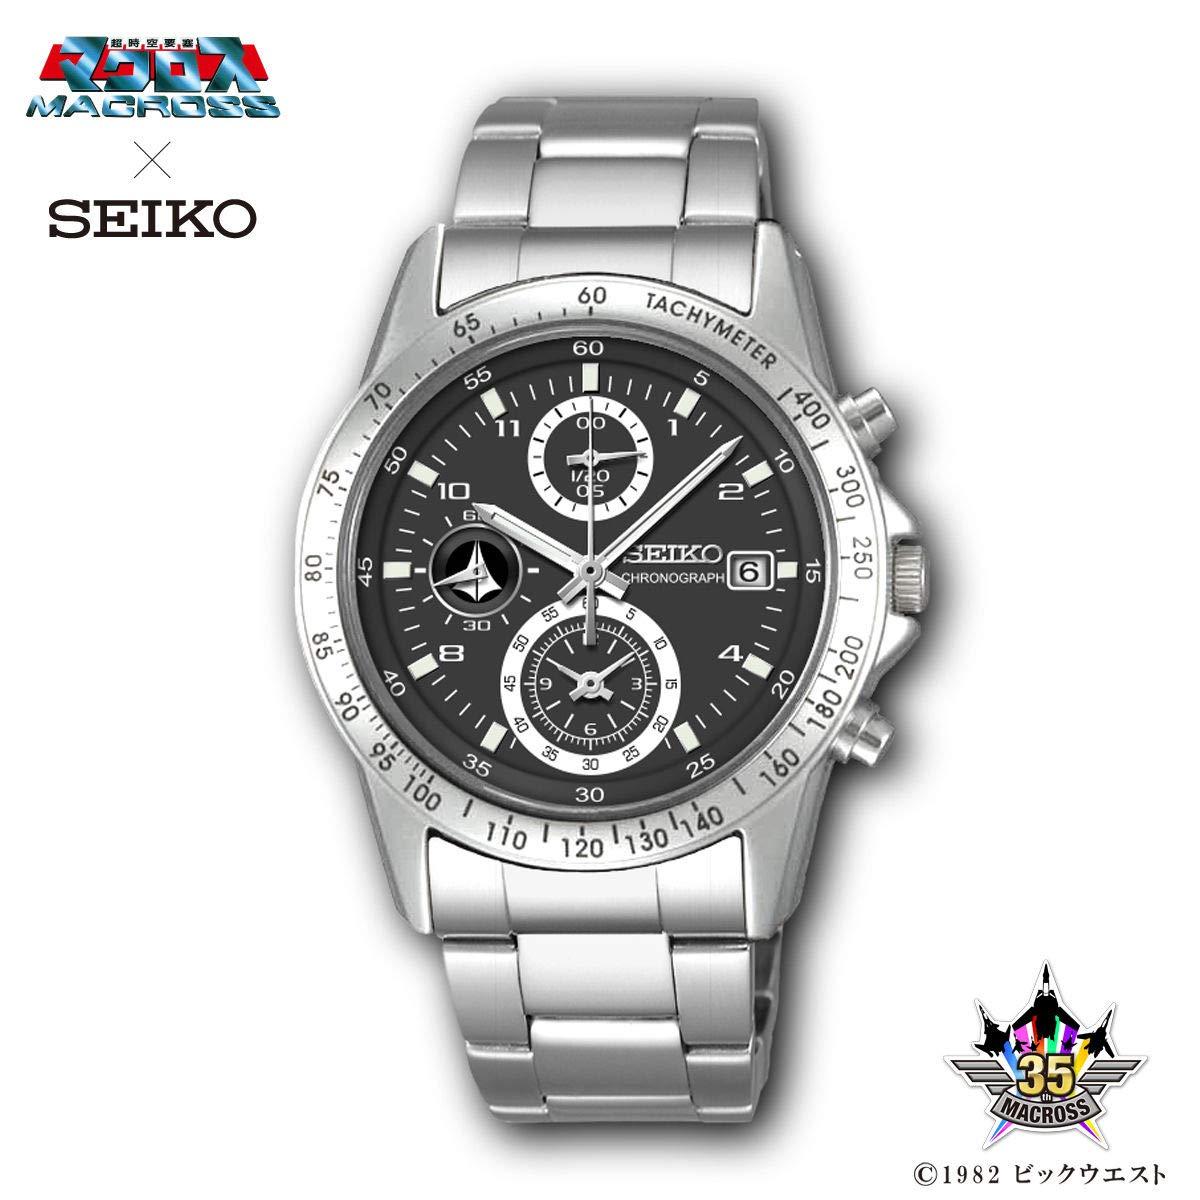 超時空要塞マクロス × × SEIKO SEIKO 地球統合軍モデル 35周年記念ウォッチ【プレミアムバンダイ限定 B07N3TX8MH】 B07N3TX8MH, ジュエリープラス+:8bf04f61 --- smtp2.mindreadersgroup.com